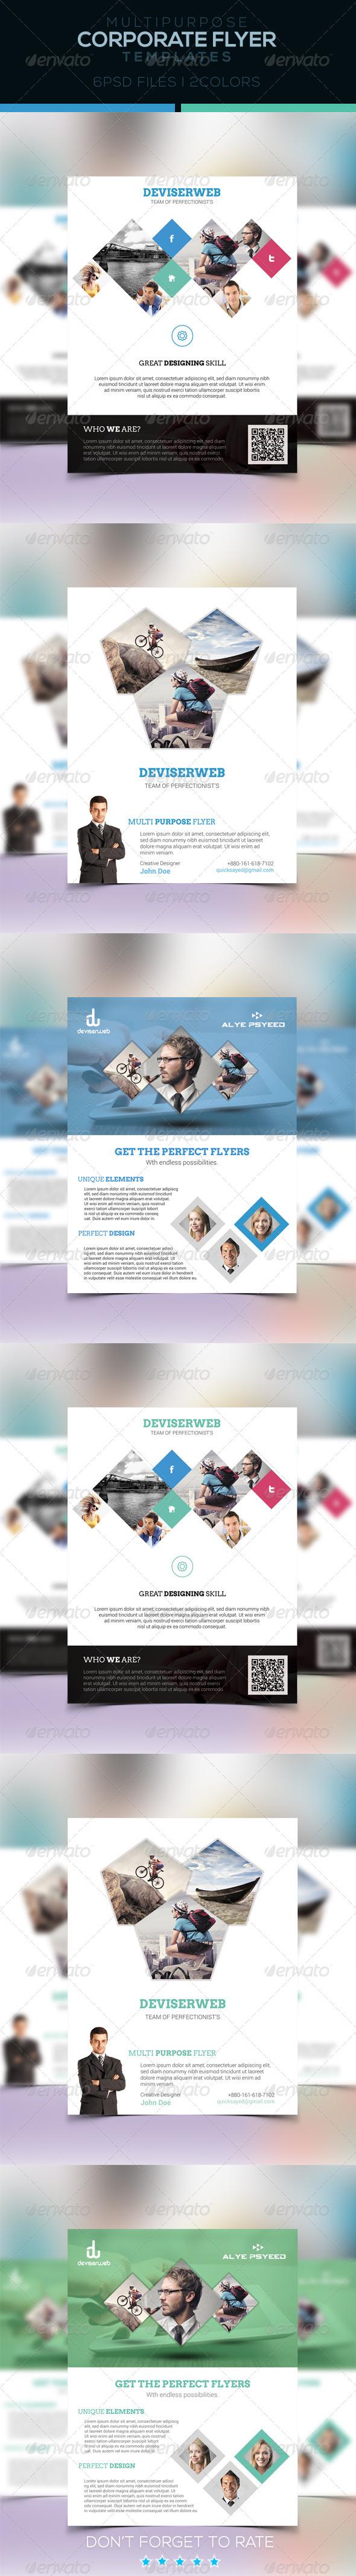 GraphicRiver Corporate Flyer Template-Multipurpose 6848891